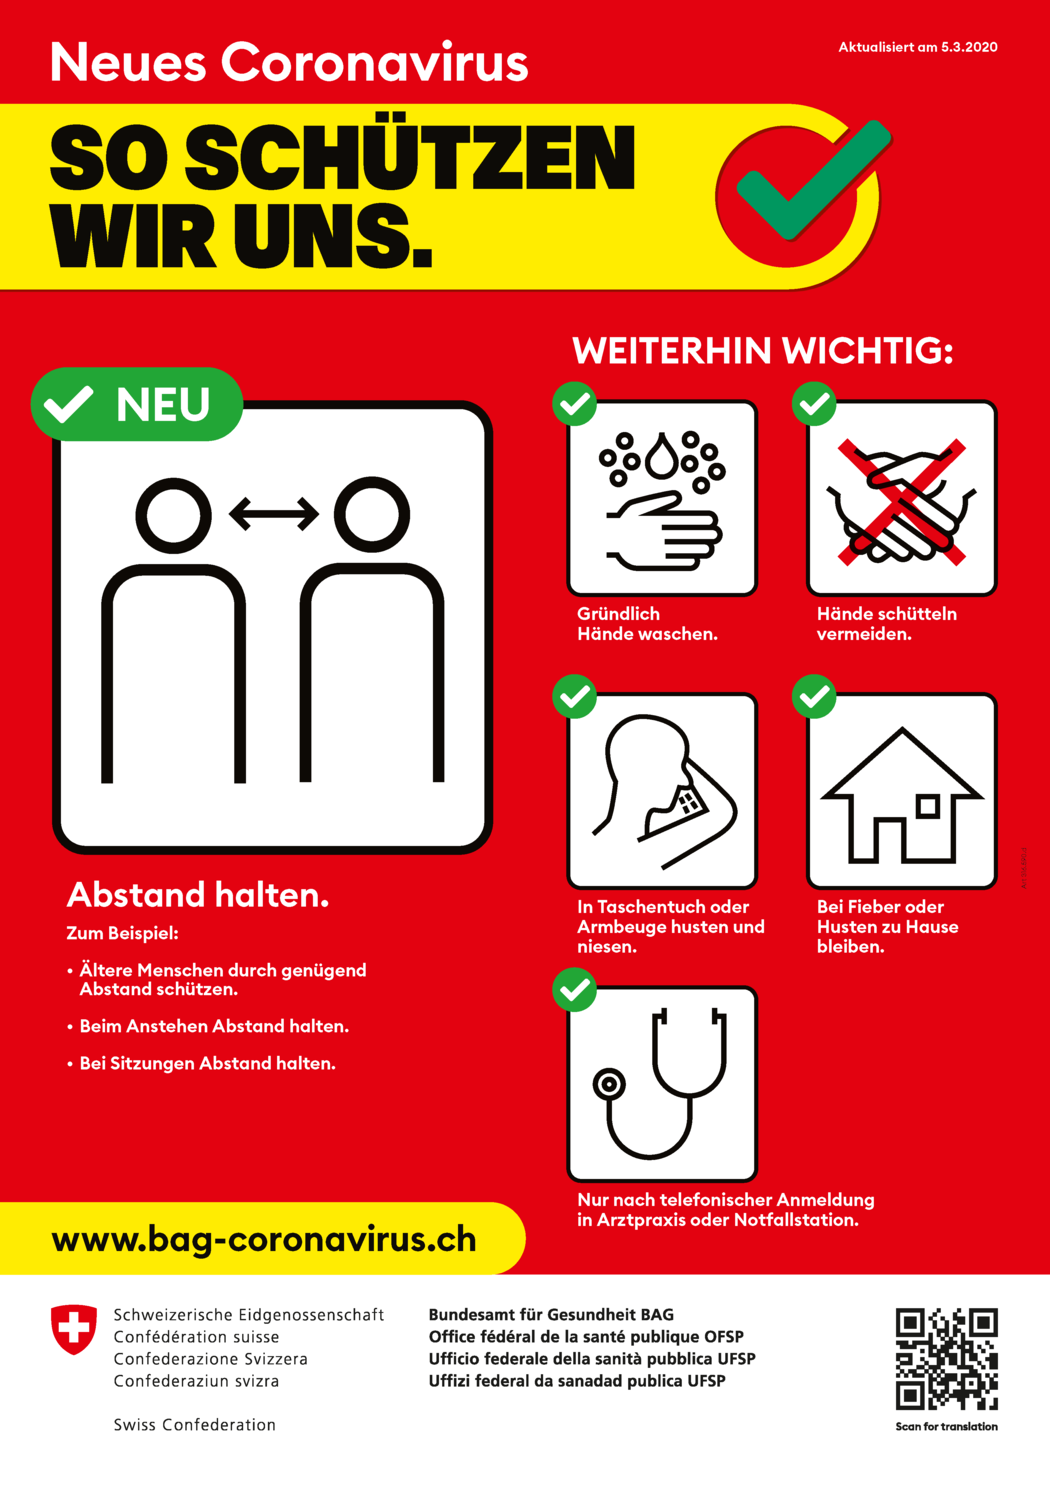 plakat_neues_coronavirus_so_schuetzen_wir_uns (1).png